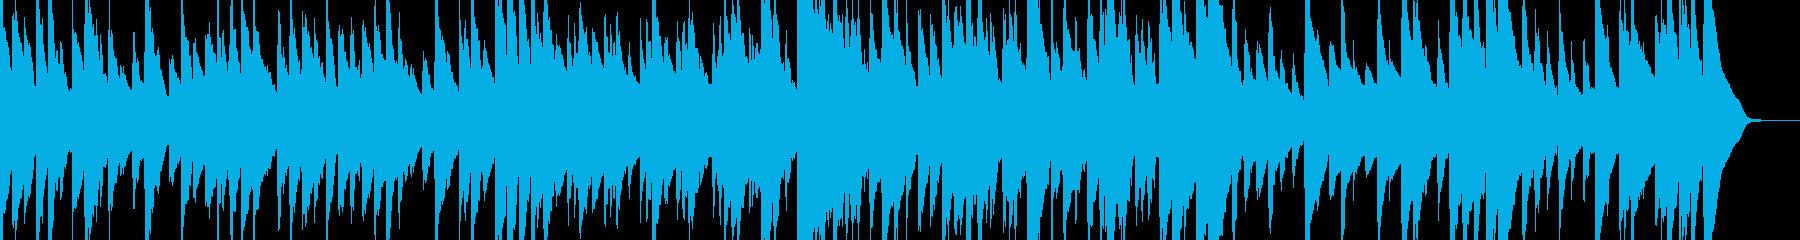 眠れるゆったりとしたオルゴールの再生済みの波形